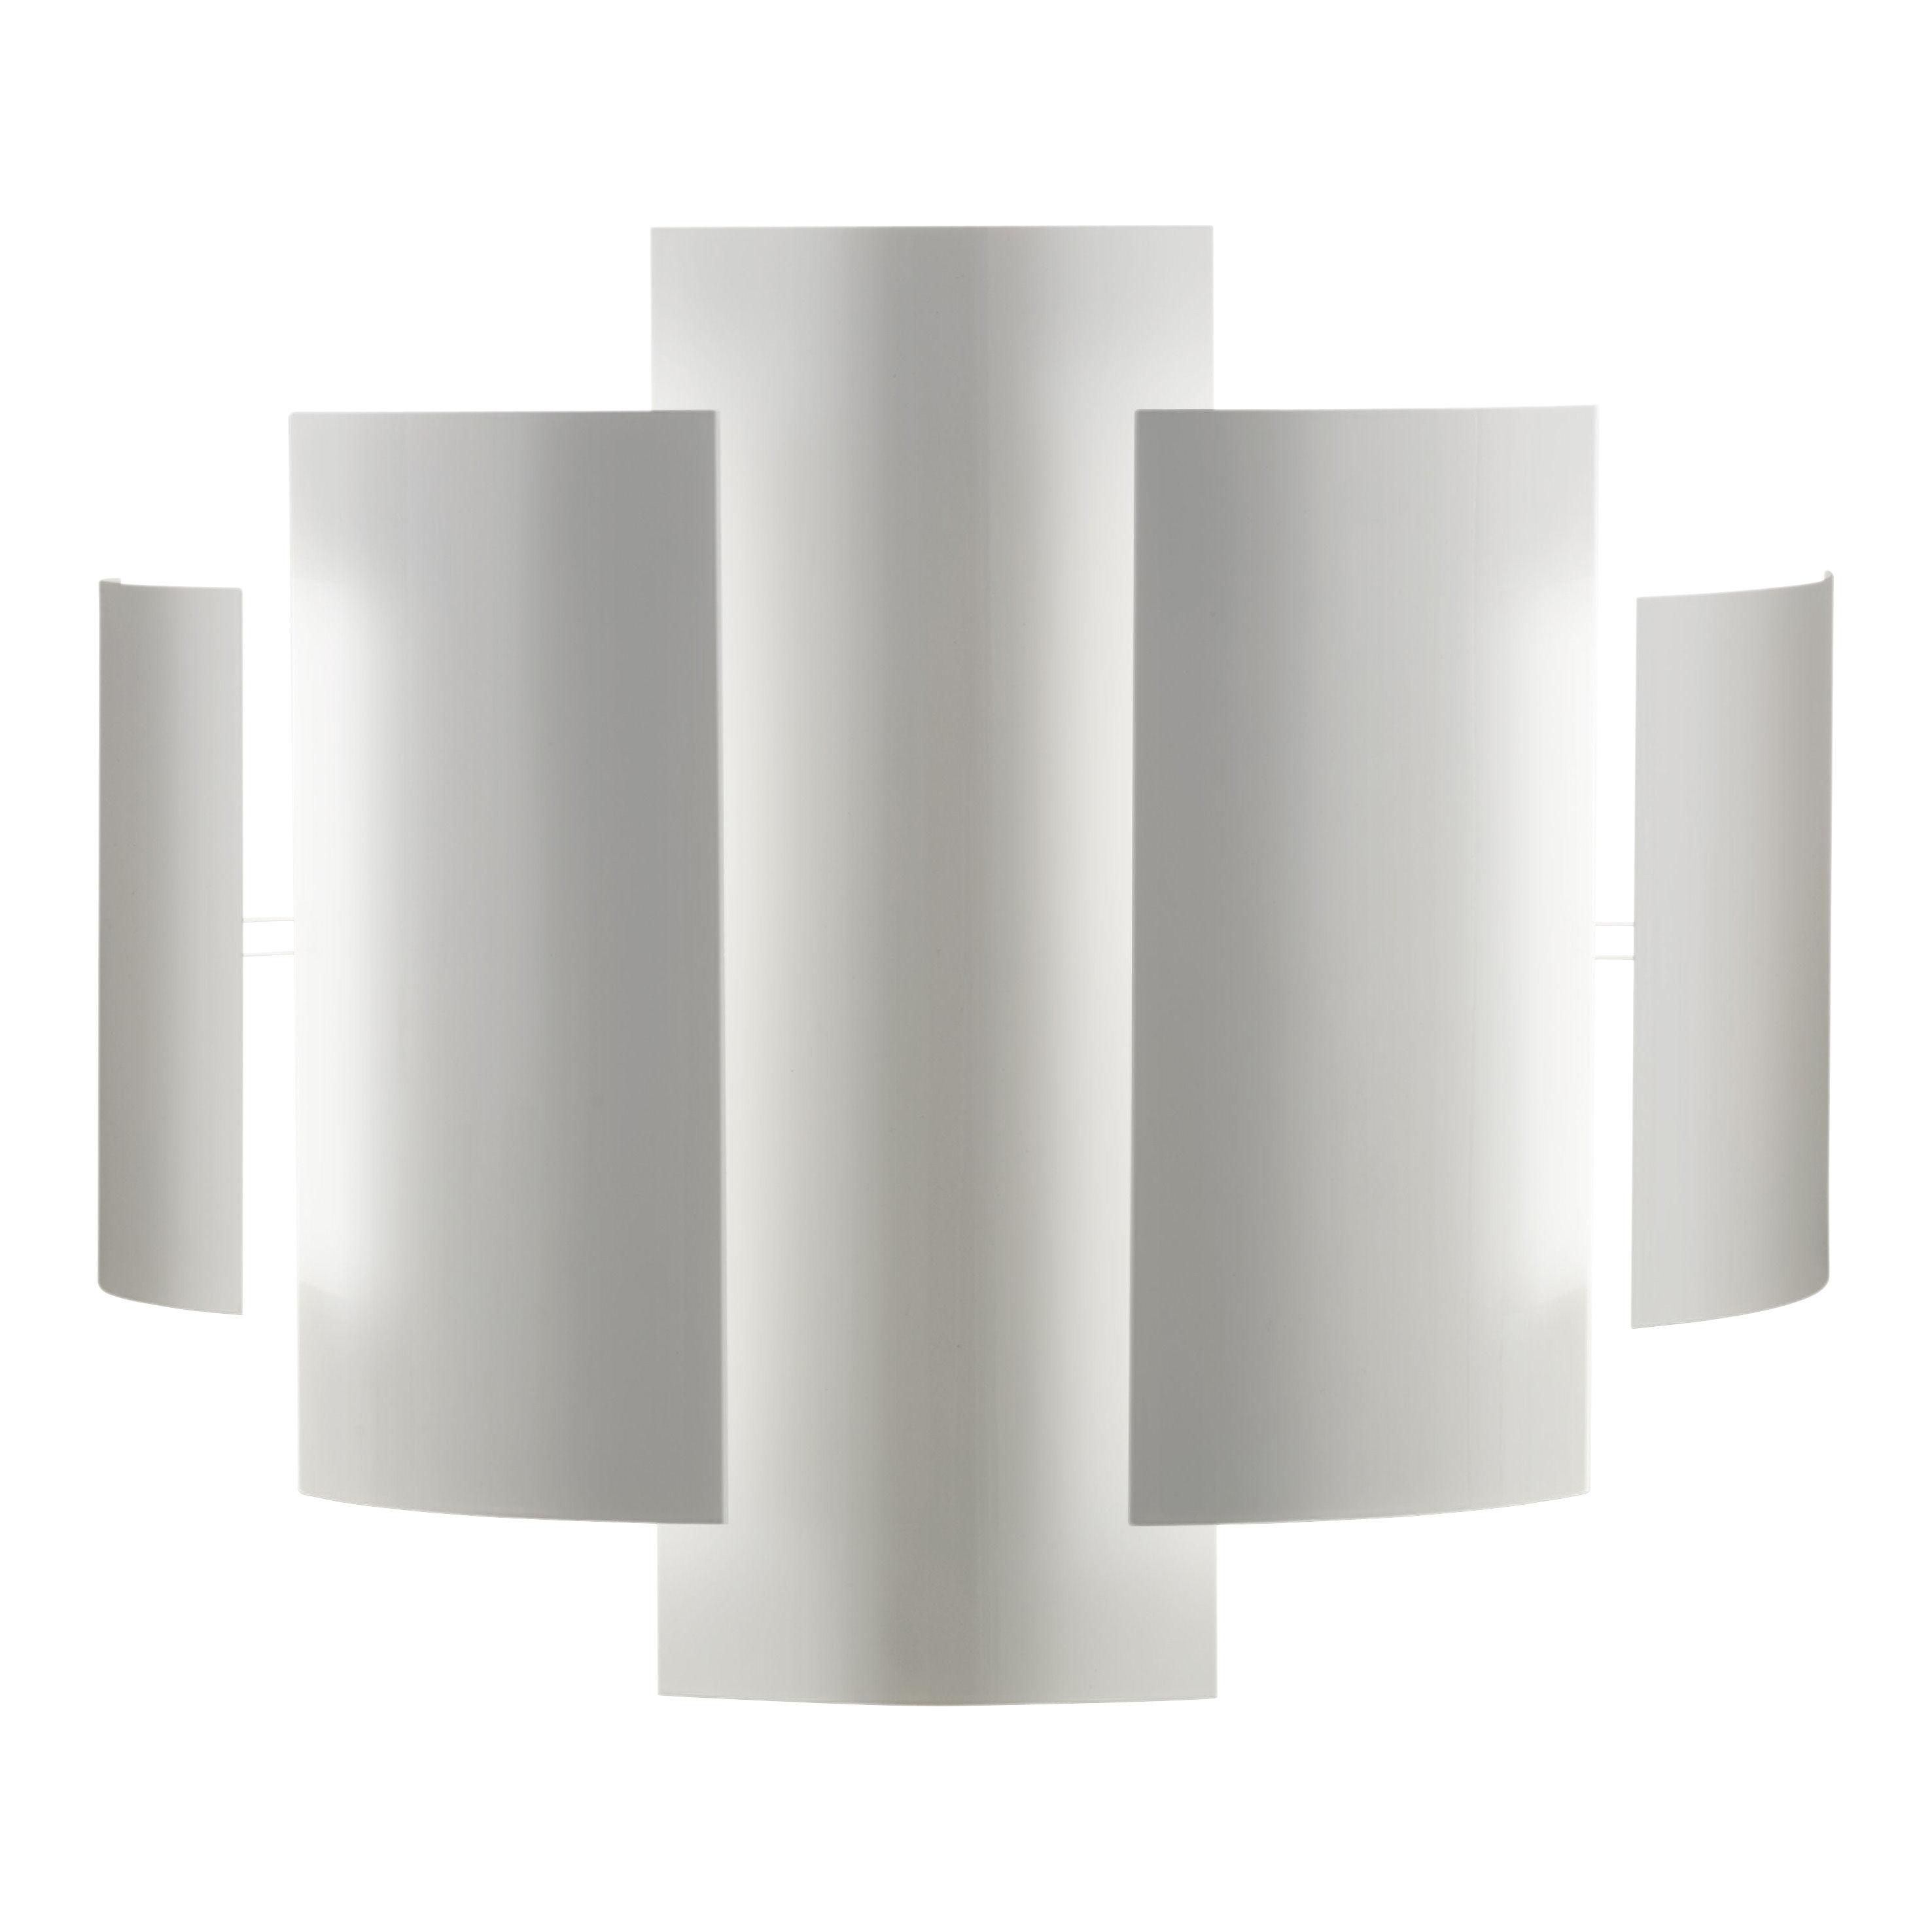 Leuchten - Wandleuchten - Skyline Wandleuchte - Lumen Center Italia - Weiß - lackiertes Metall